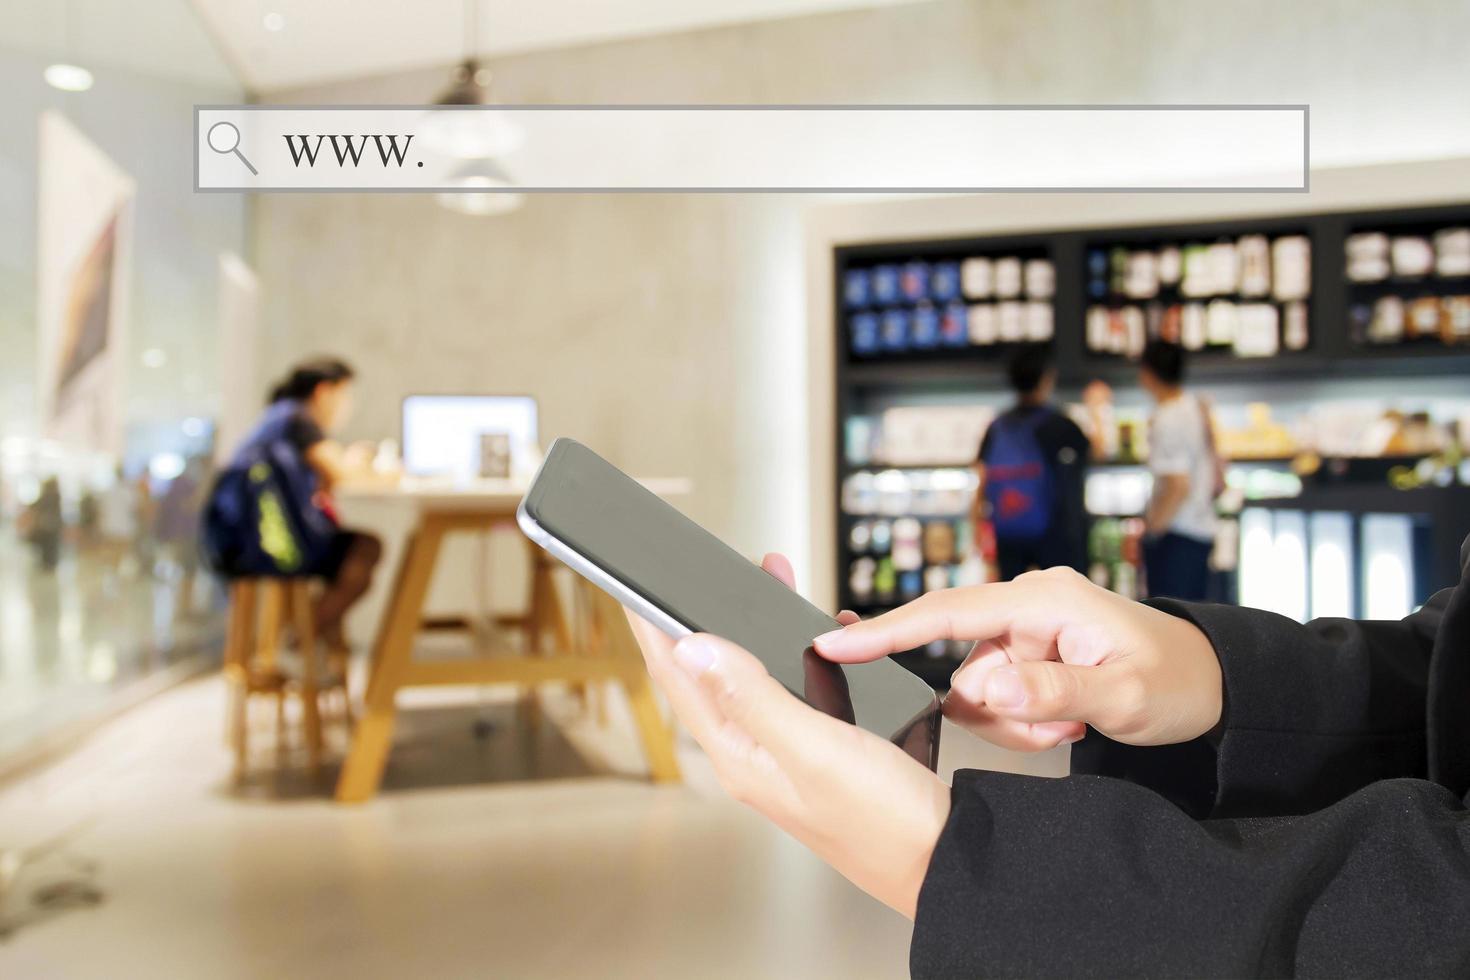 persona que usa una tableta dentro de una tienda o cafetería foto